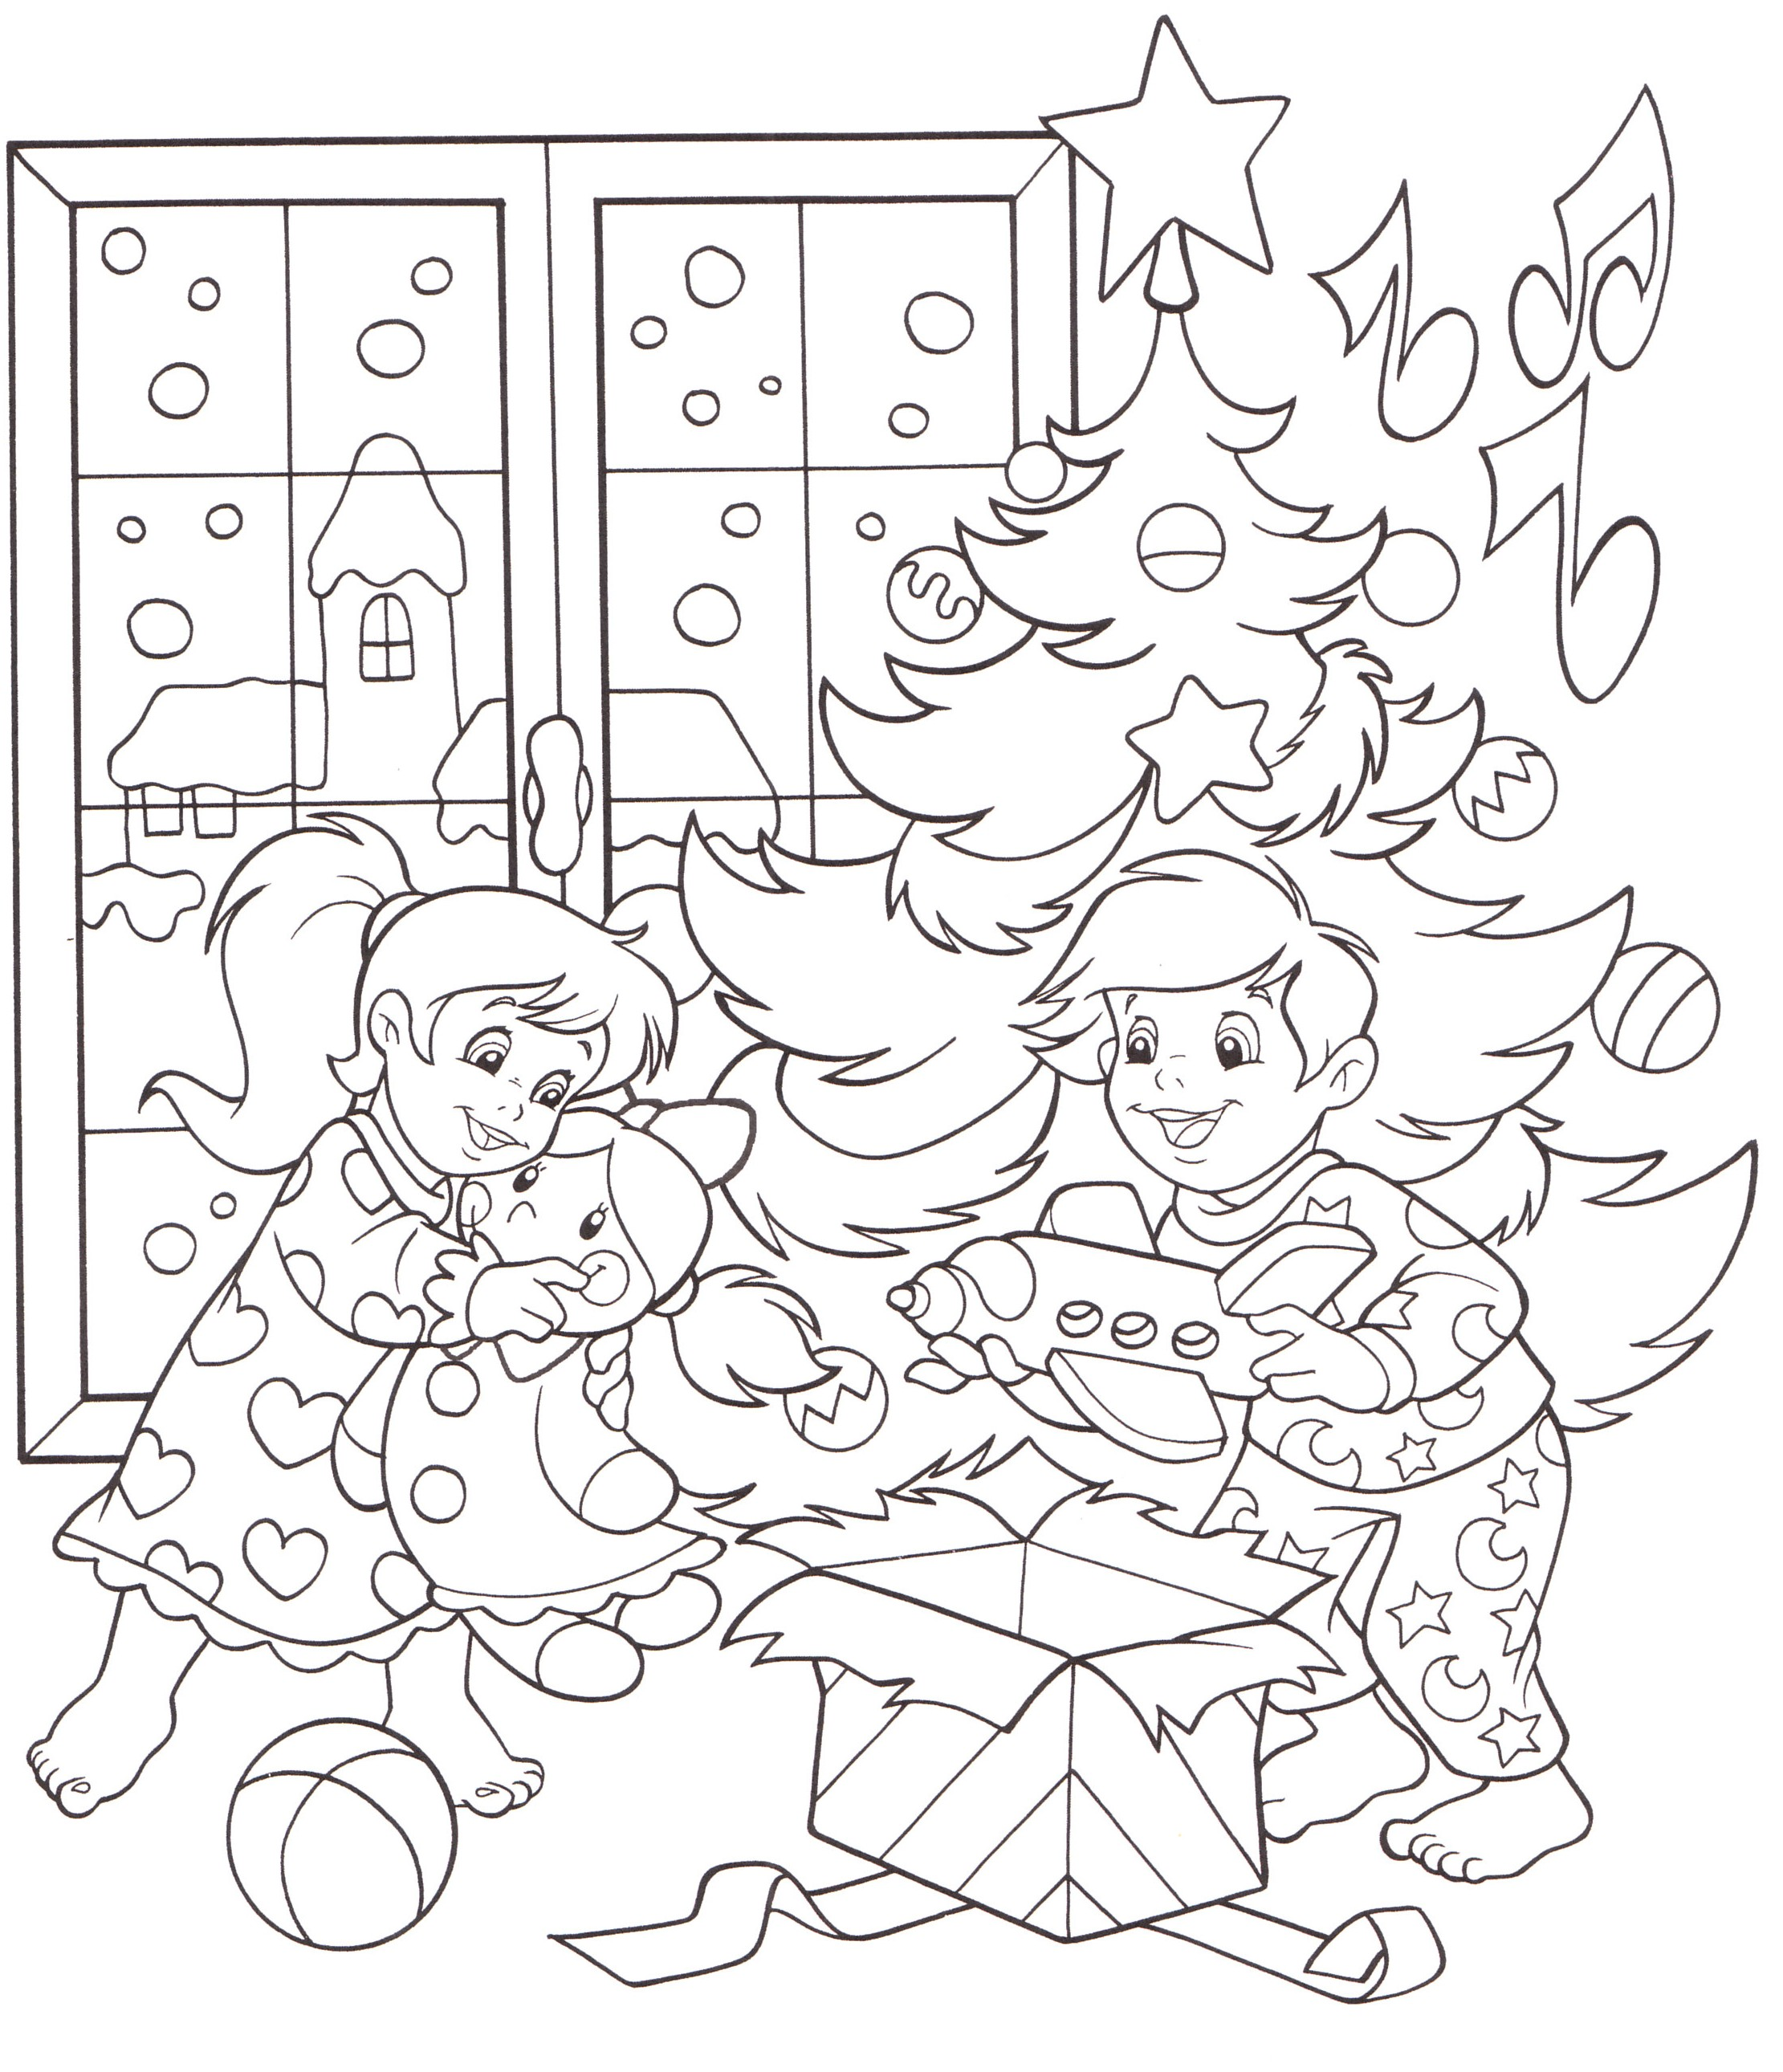 Disegni bambini colorare stampare natale bimbi giocano for Disegni di natale facili per bambini